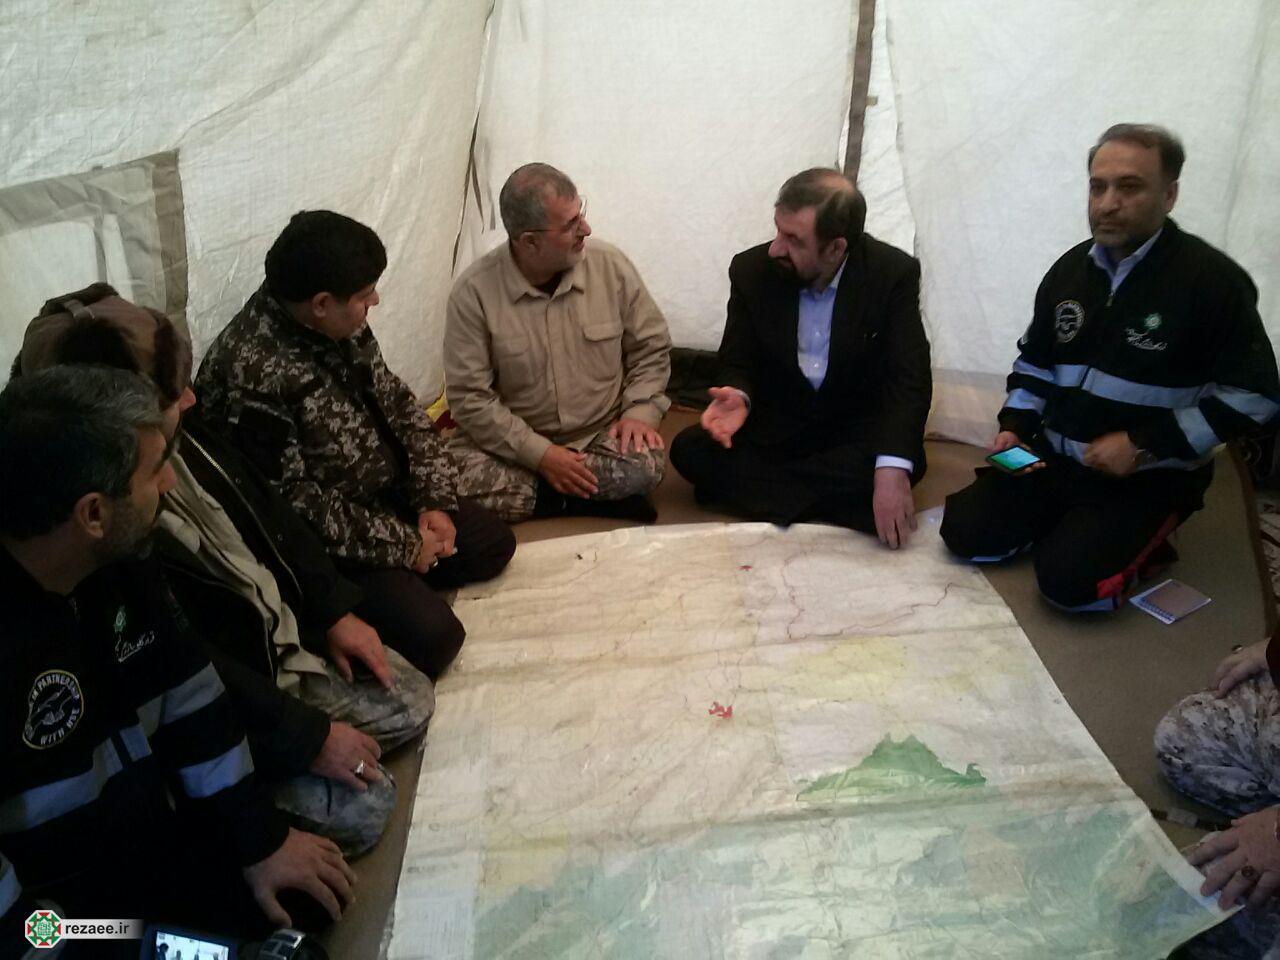 بازدید رضایی از مناطق زلزله زده سرپل ذهاب